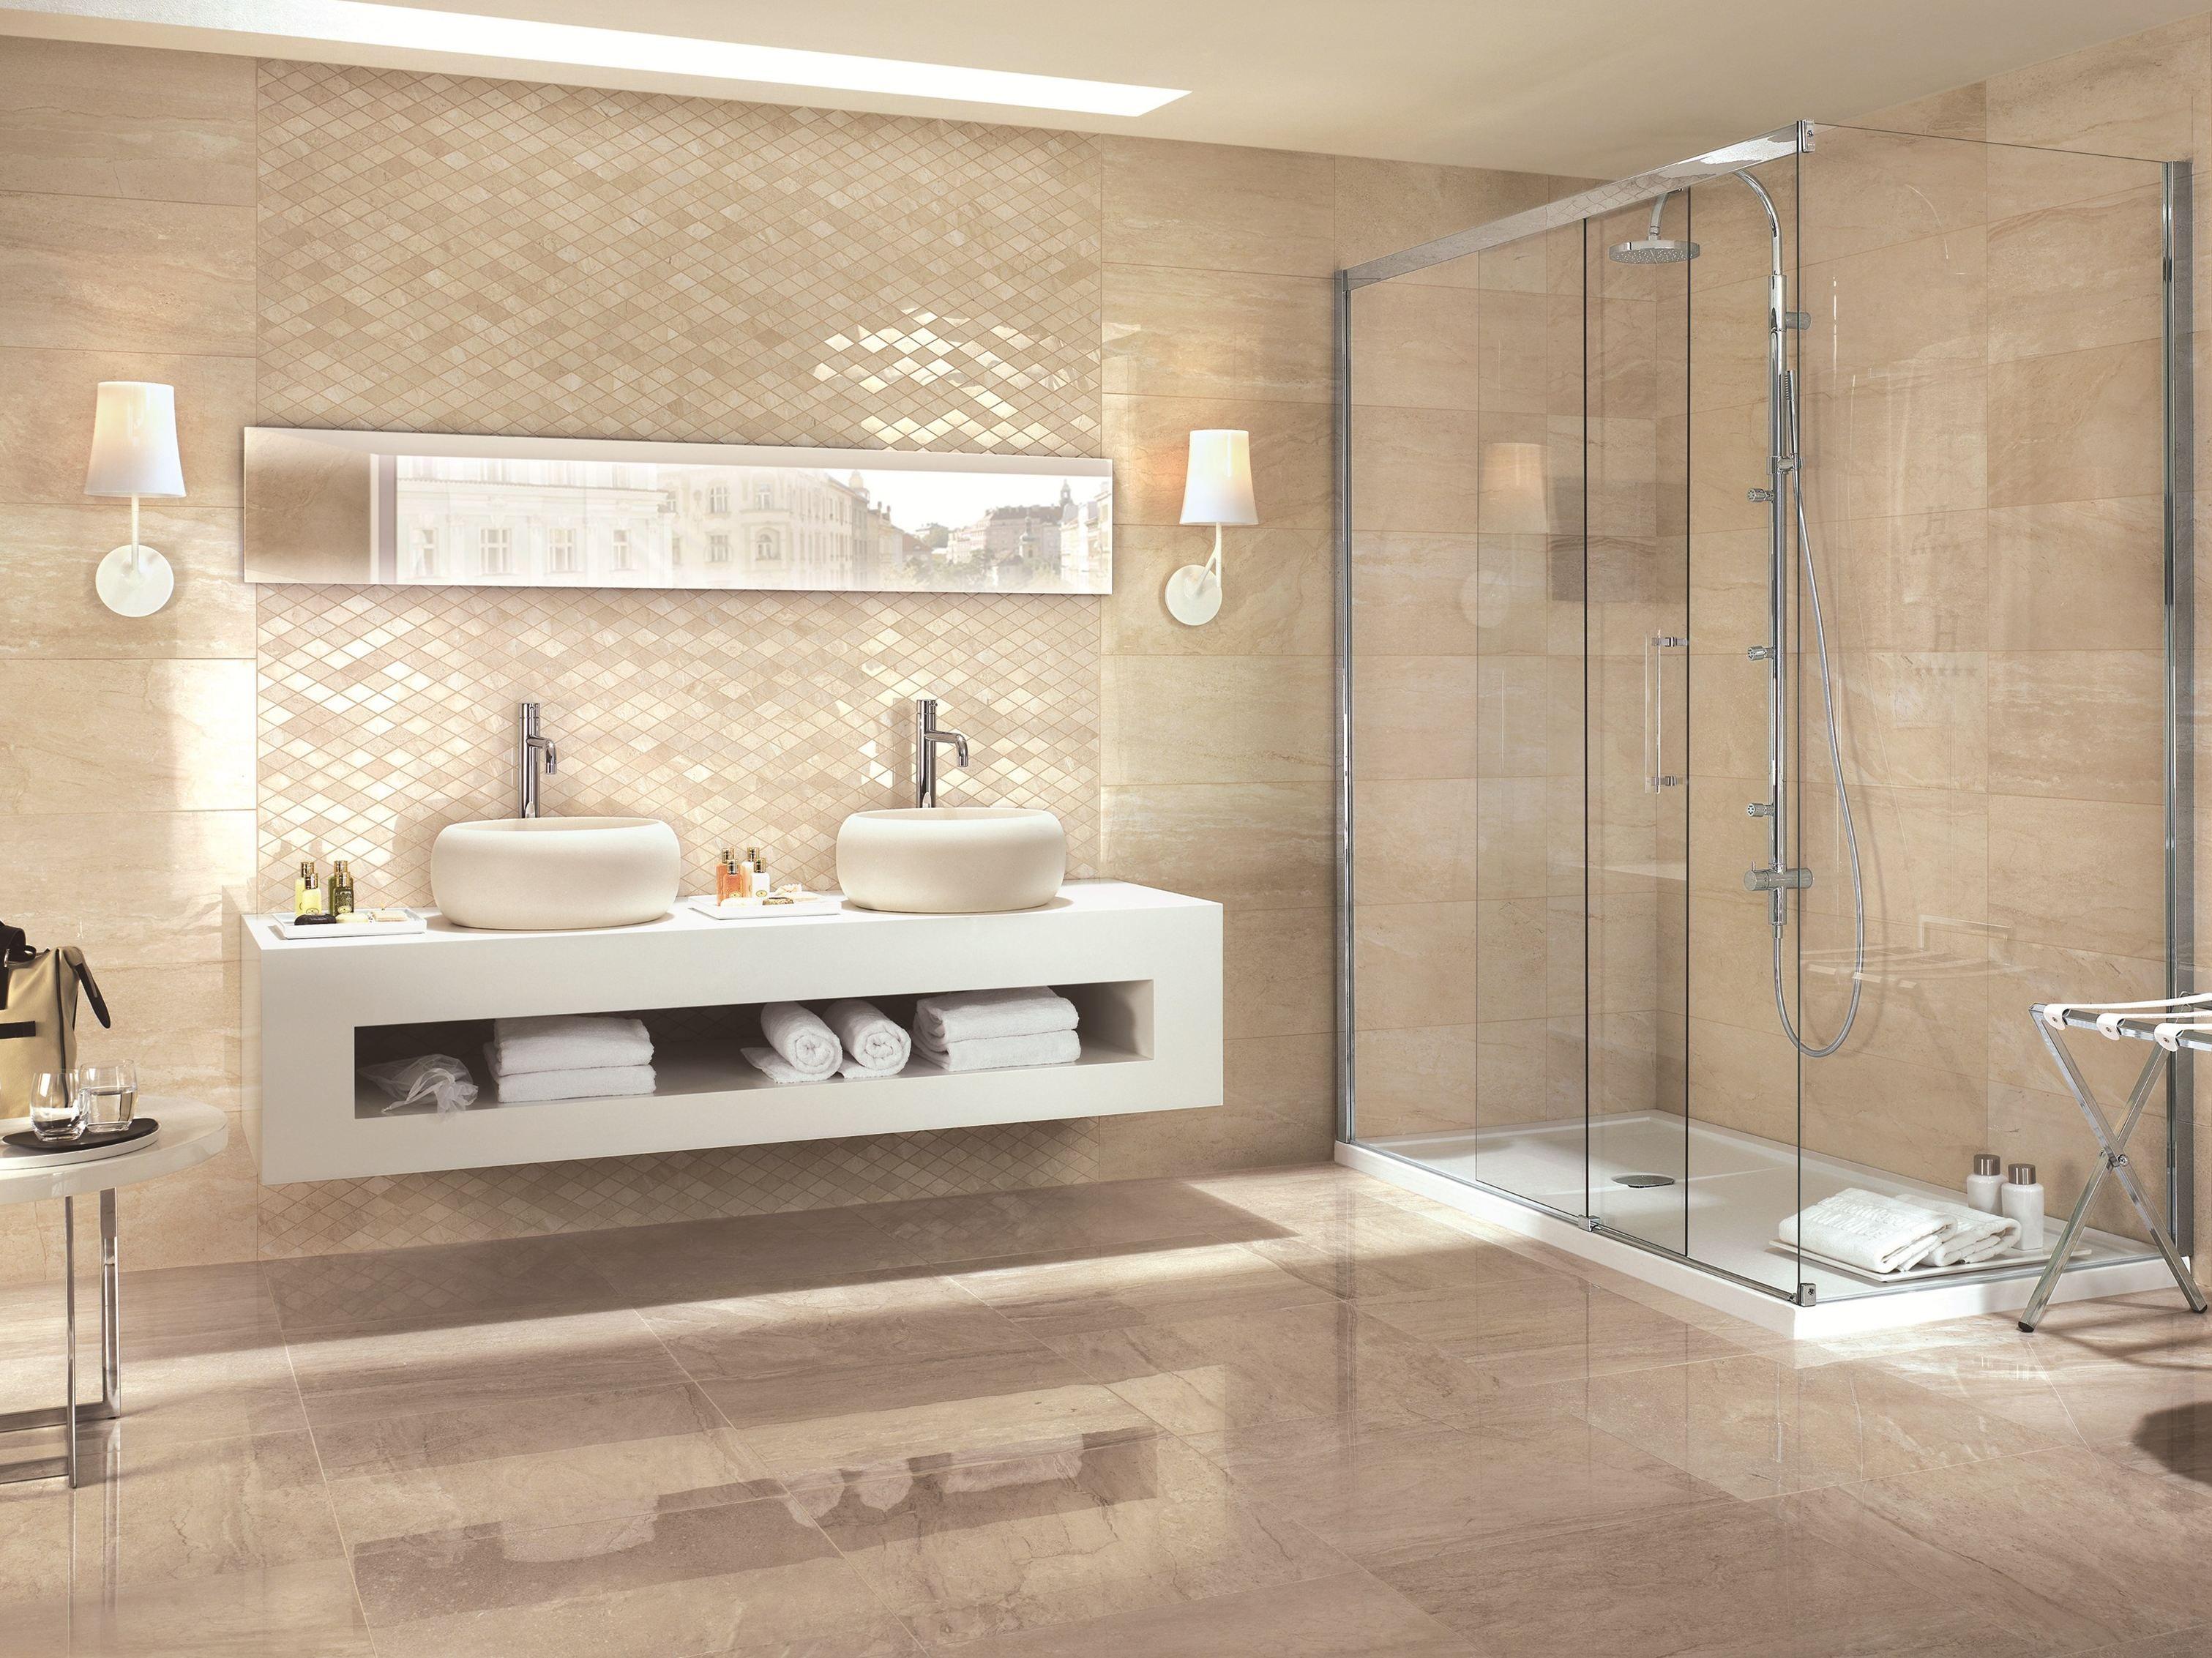 Piastrelle mosaico bagno marazzi interesting piastrella da bagno